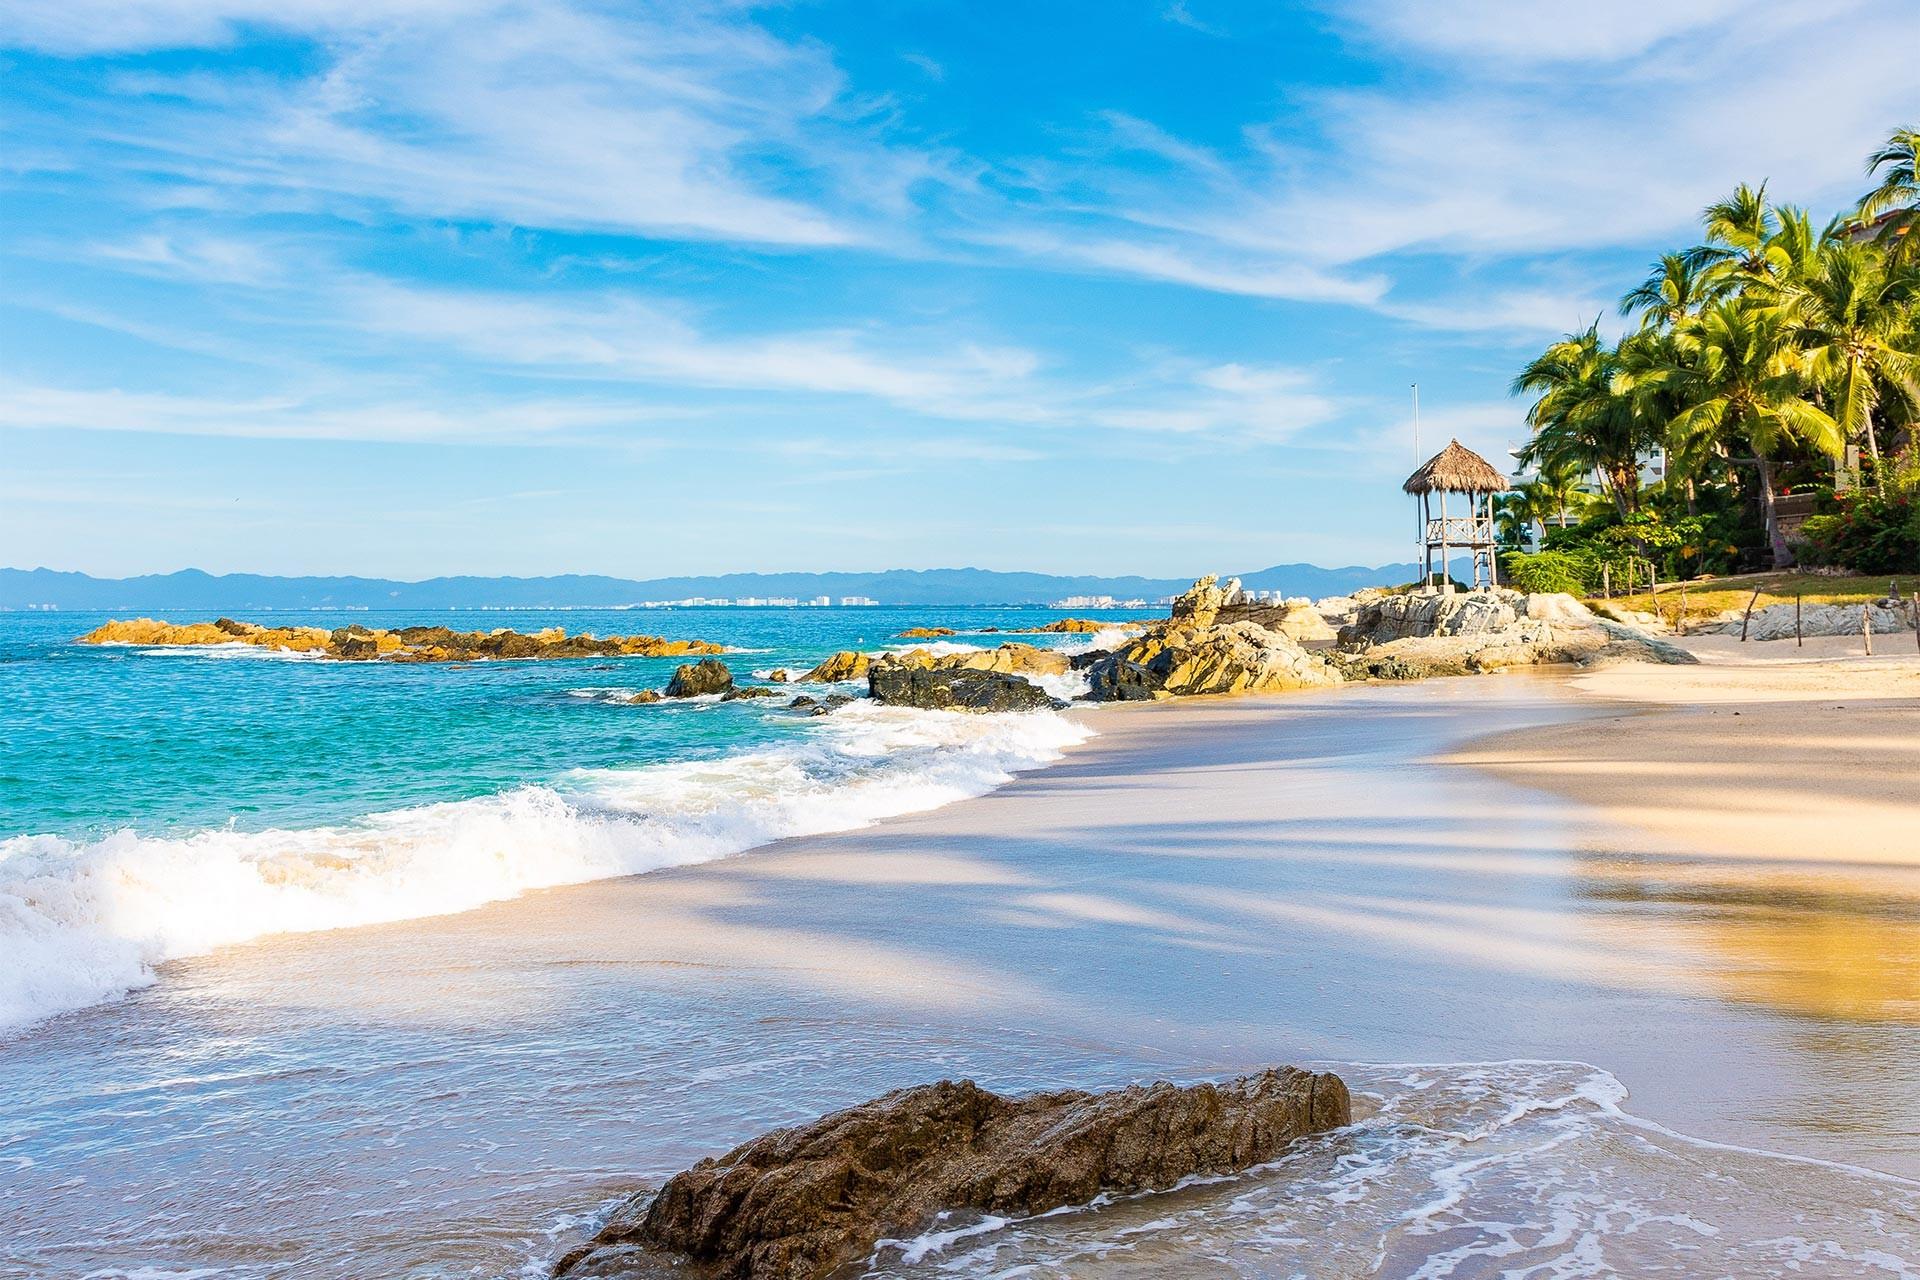 Oferta speciala - Sejur Ciudad de Mexico & plaja Puerto Vallarta, 10 zile - august 2021